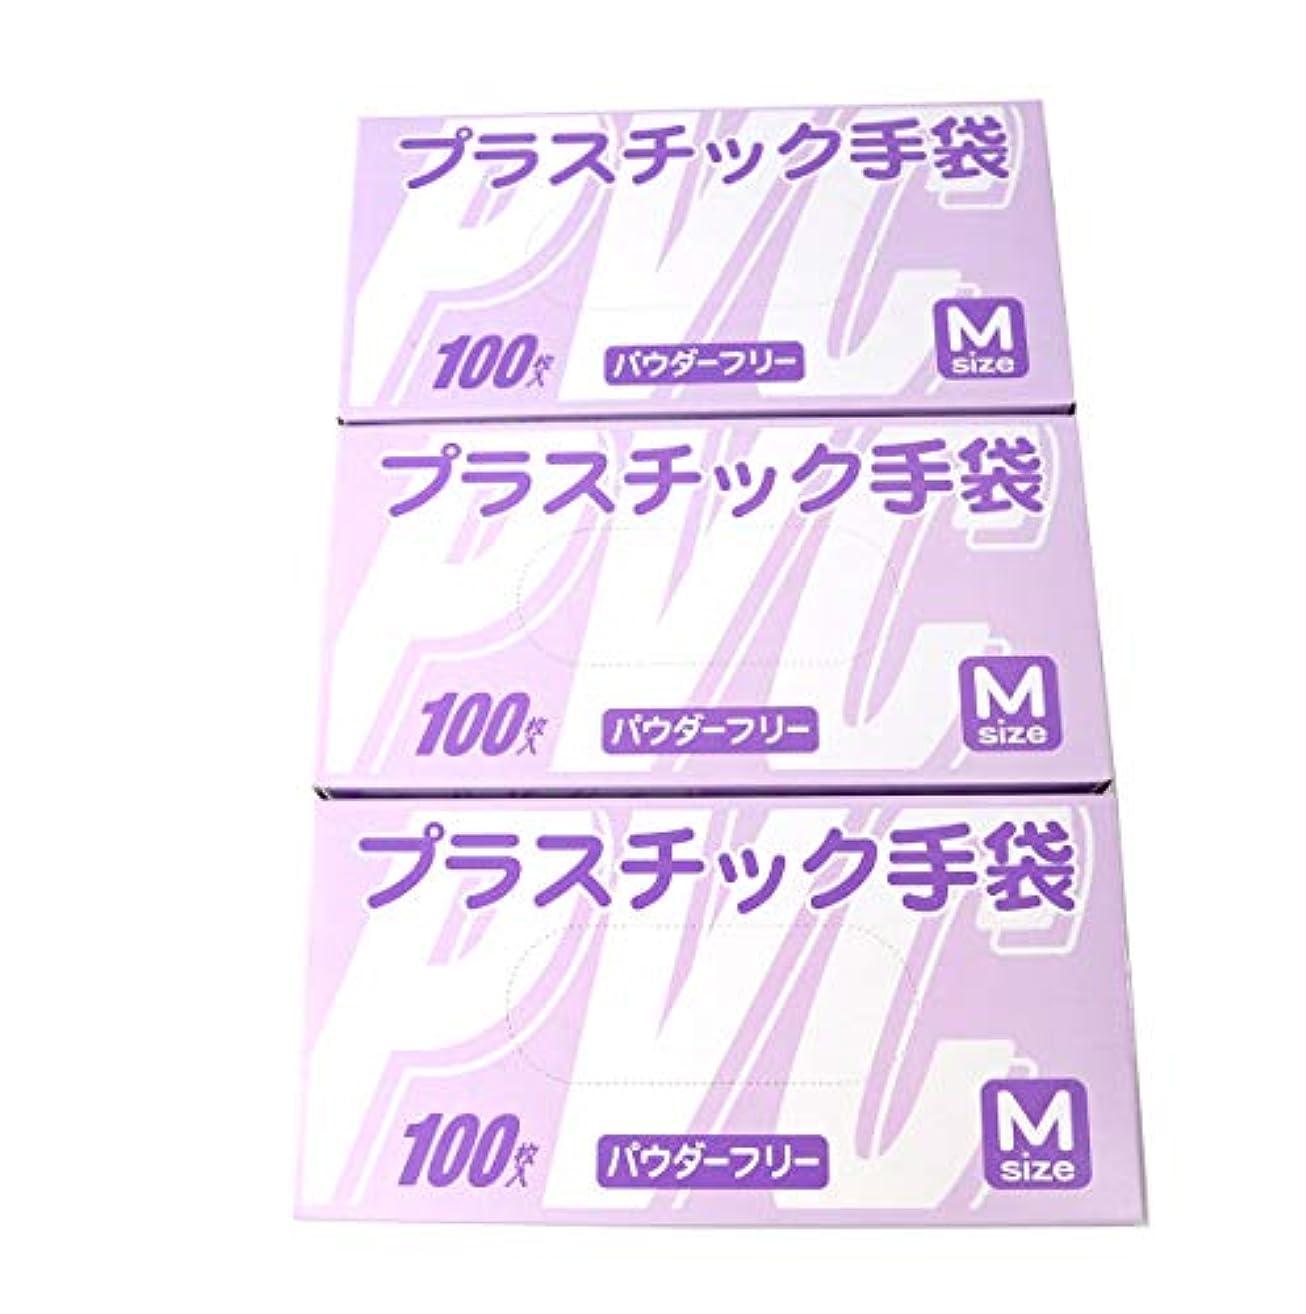 容器フレット小競り合い【お得なセット商品】使い捨て手袋 プラスチックグローブ 粉なし Mサイズ 100枚入×3個セット 超薄手 100422